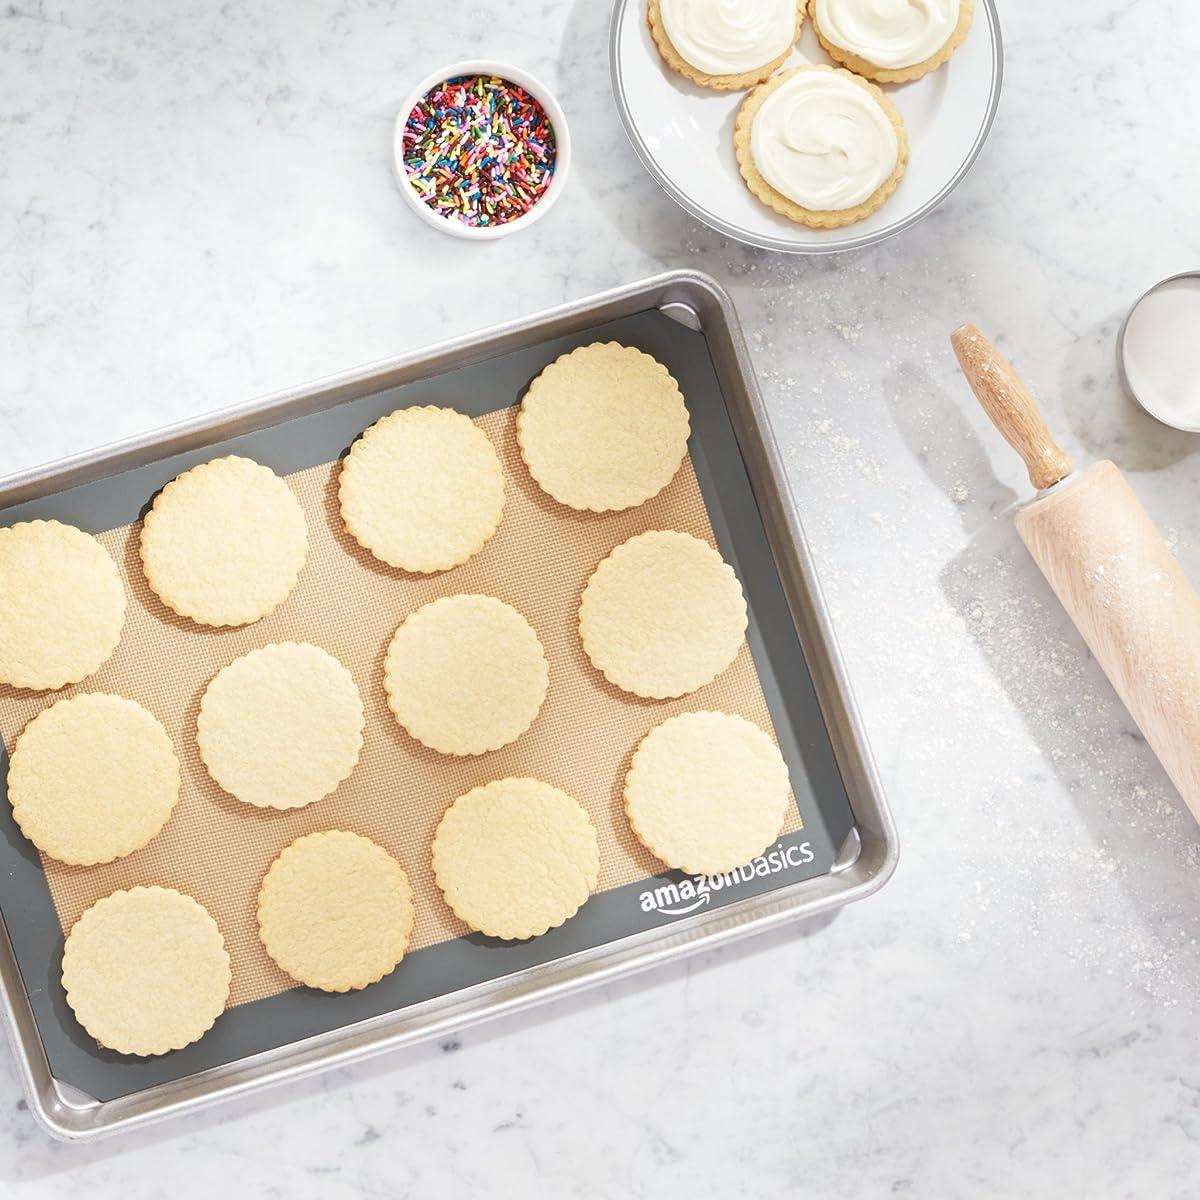 AmazonBasics Silicone Baking Mat - 2 Pack